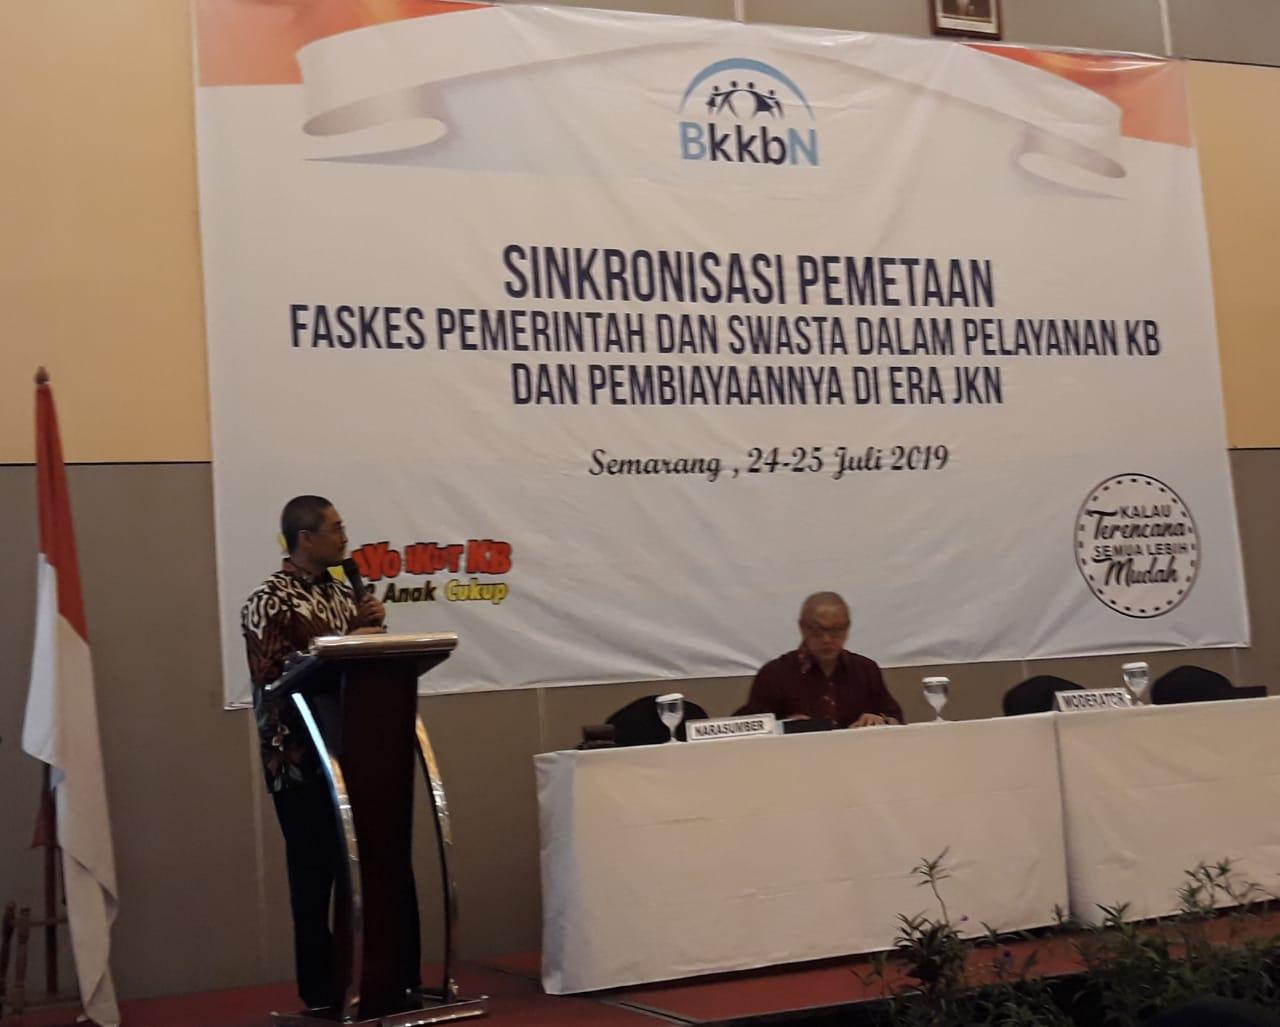 Mahasiswa S3 IKM UNS atas nama M.Husen Prabowo menjadi salah satu narasumber Sinkronisasi Faskes Pemerintah dan Swasta dalam Pelayanan KB dan Pembiayaannya di Era JKN